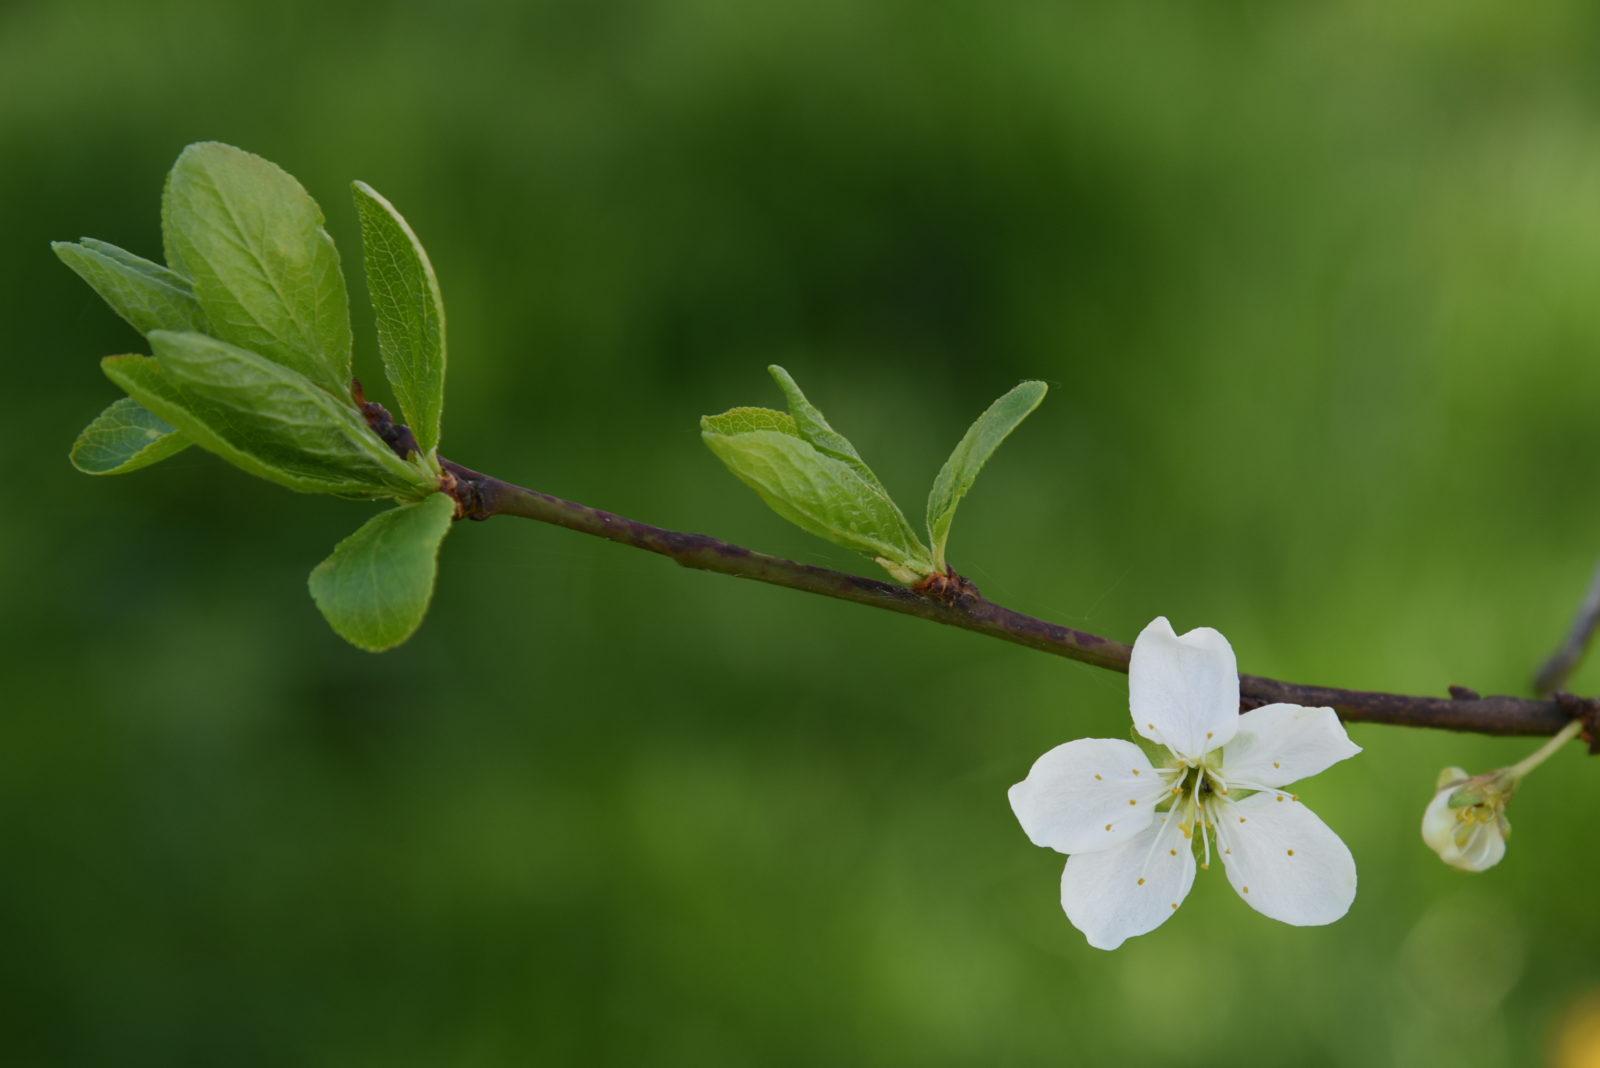 bebuszka, wiosna, przyroda